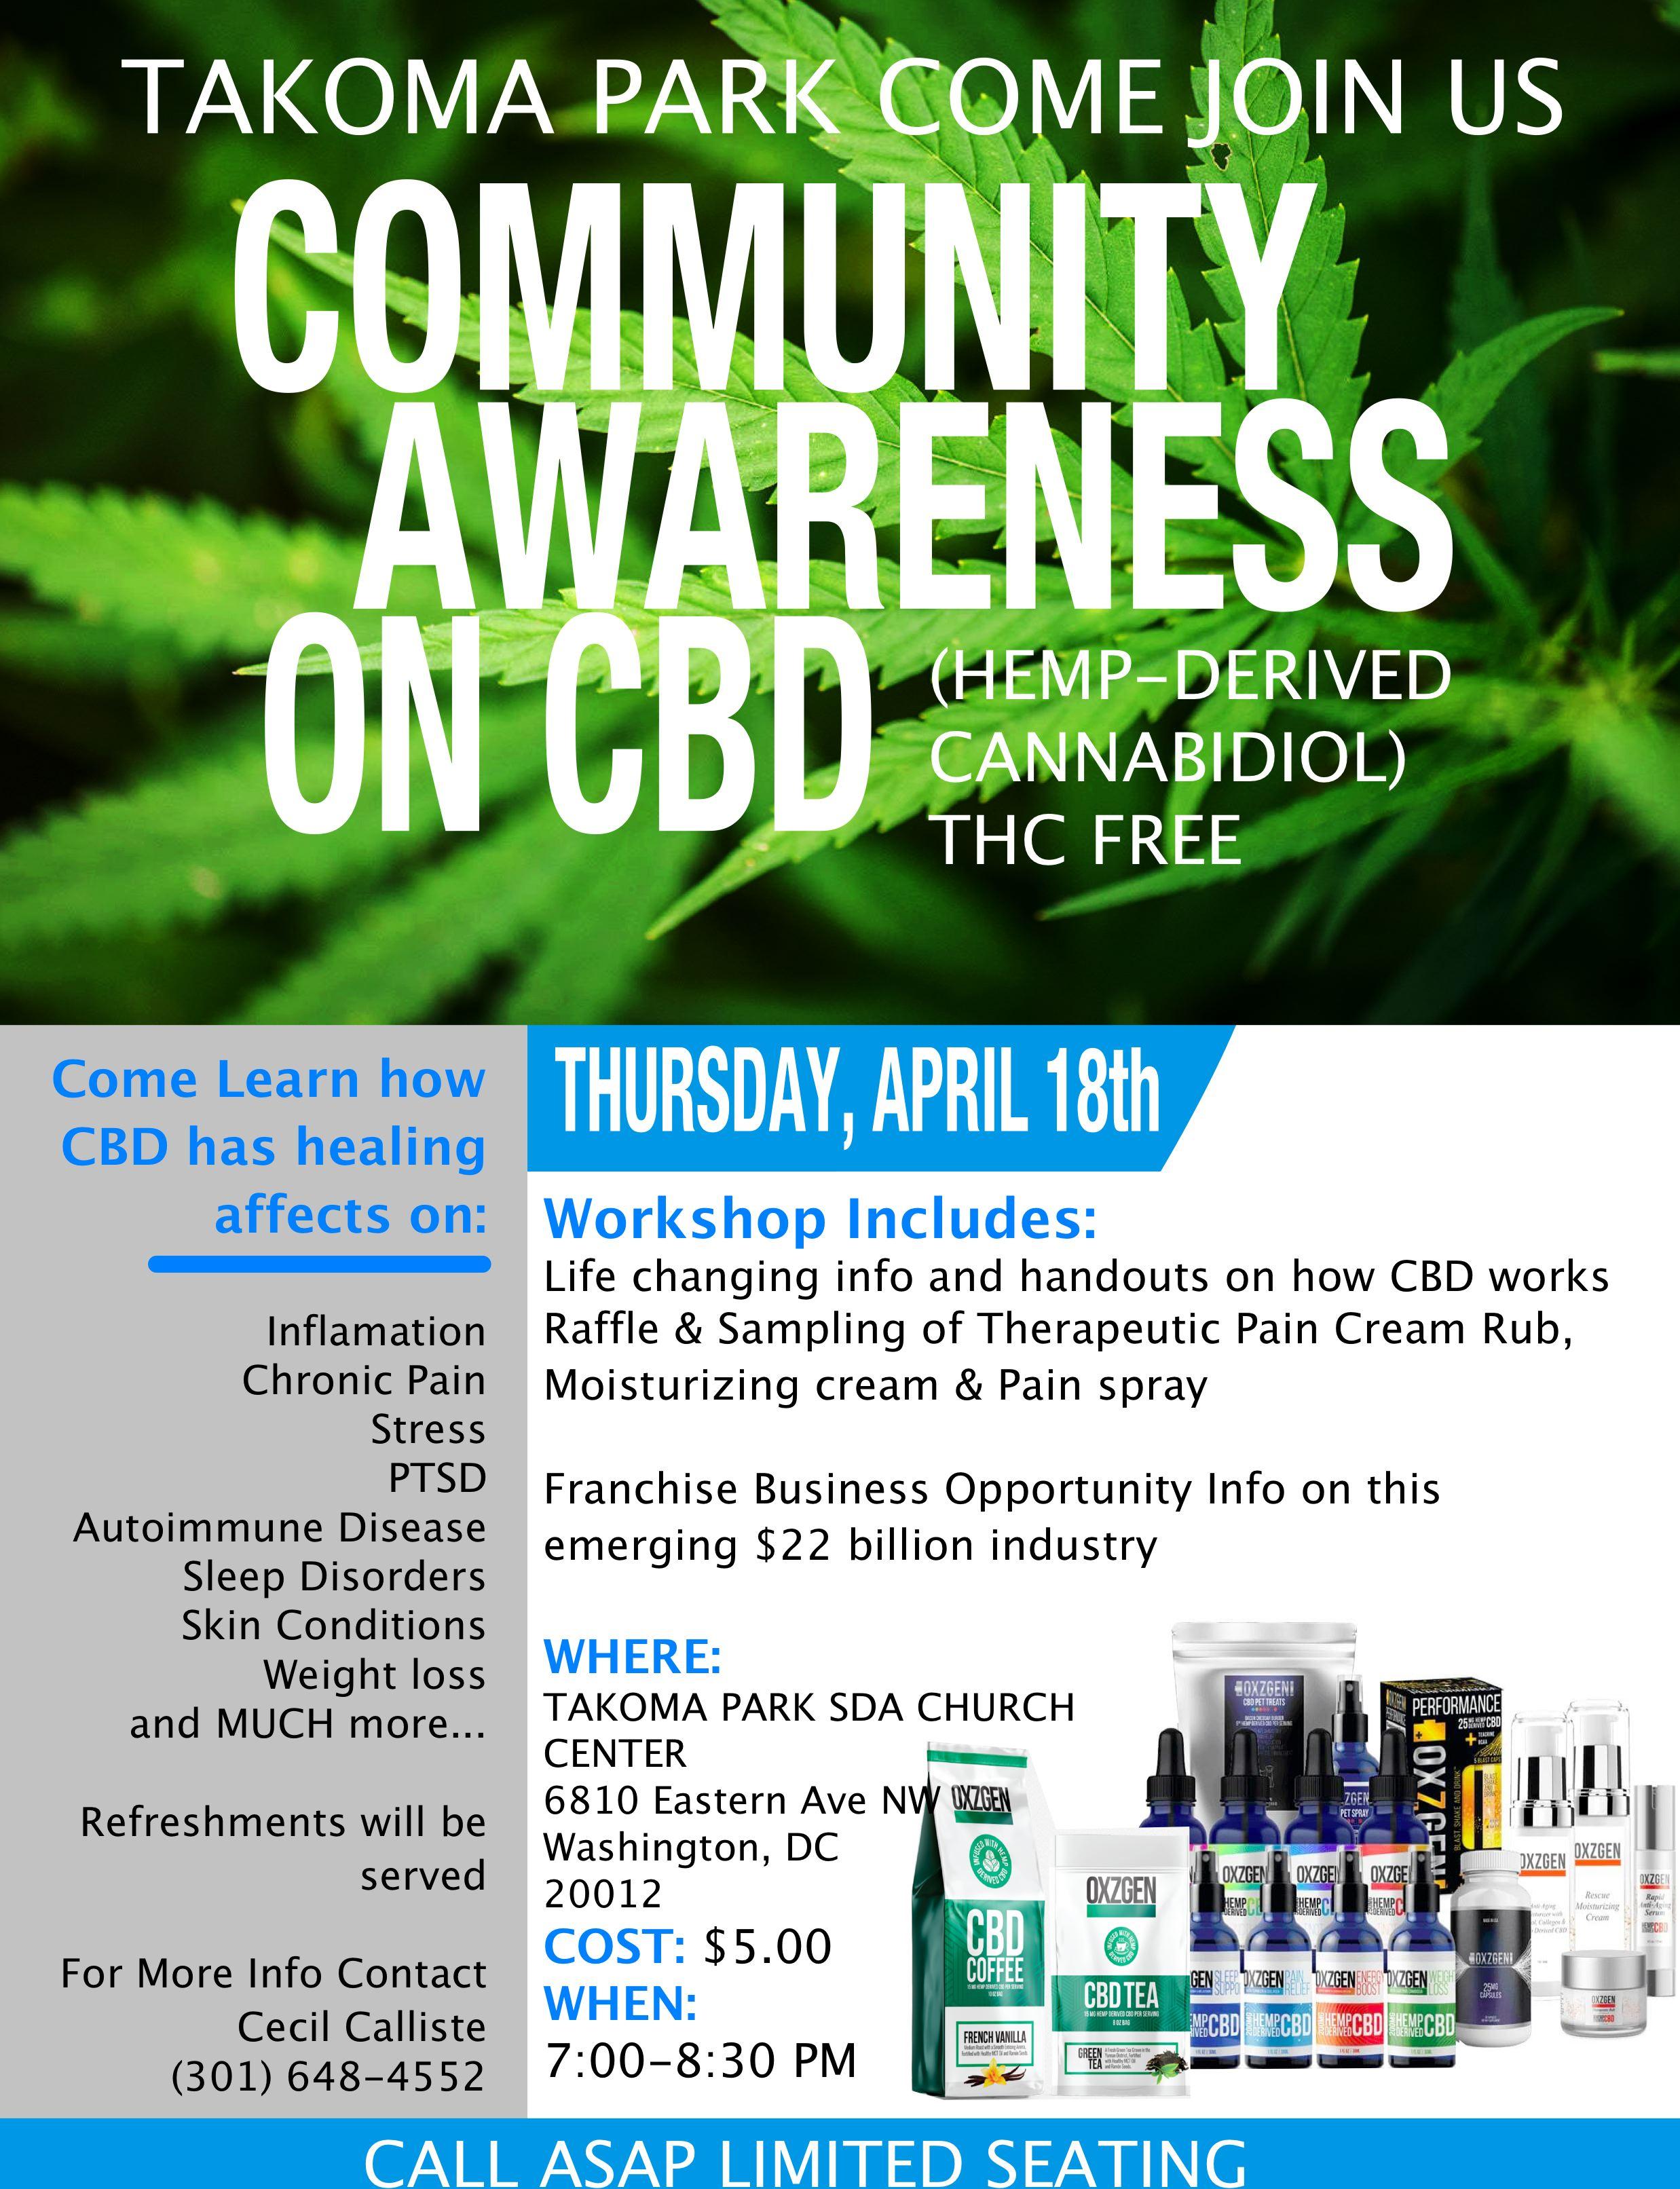 CBD Awareness Takoma Park